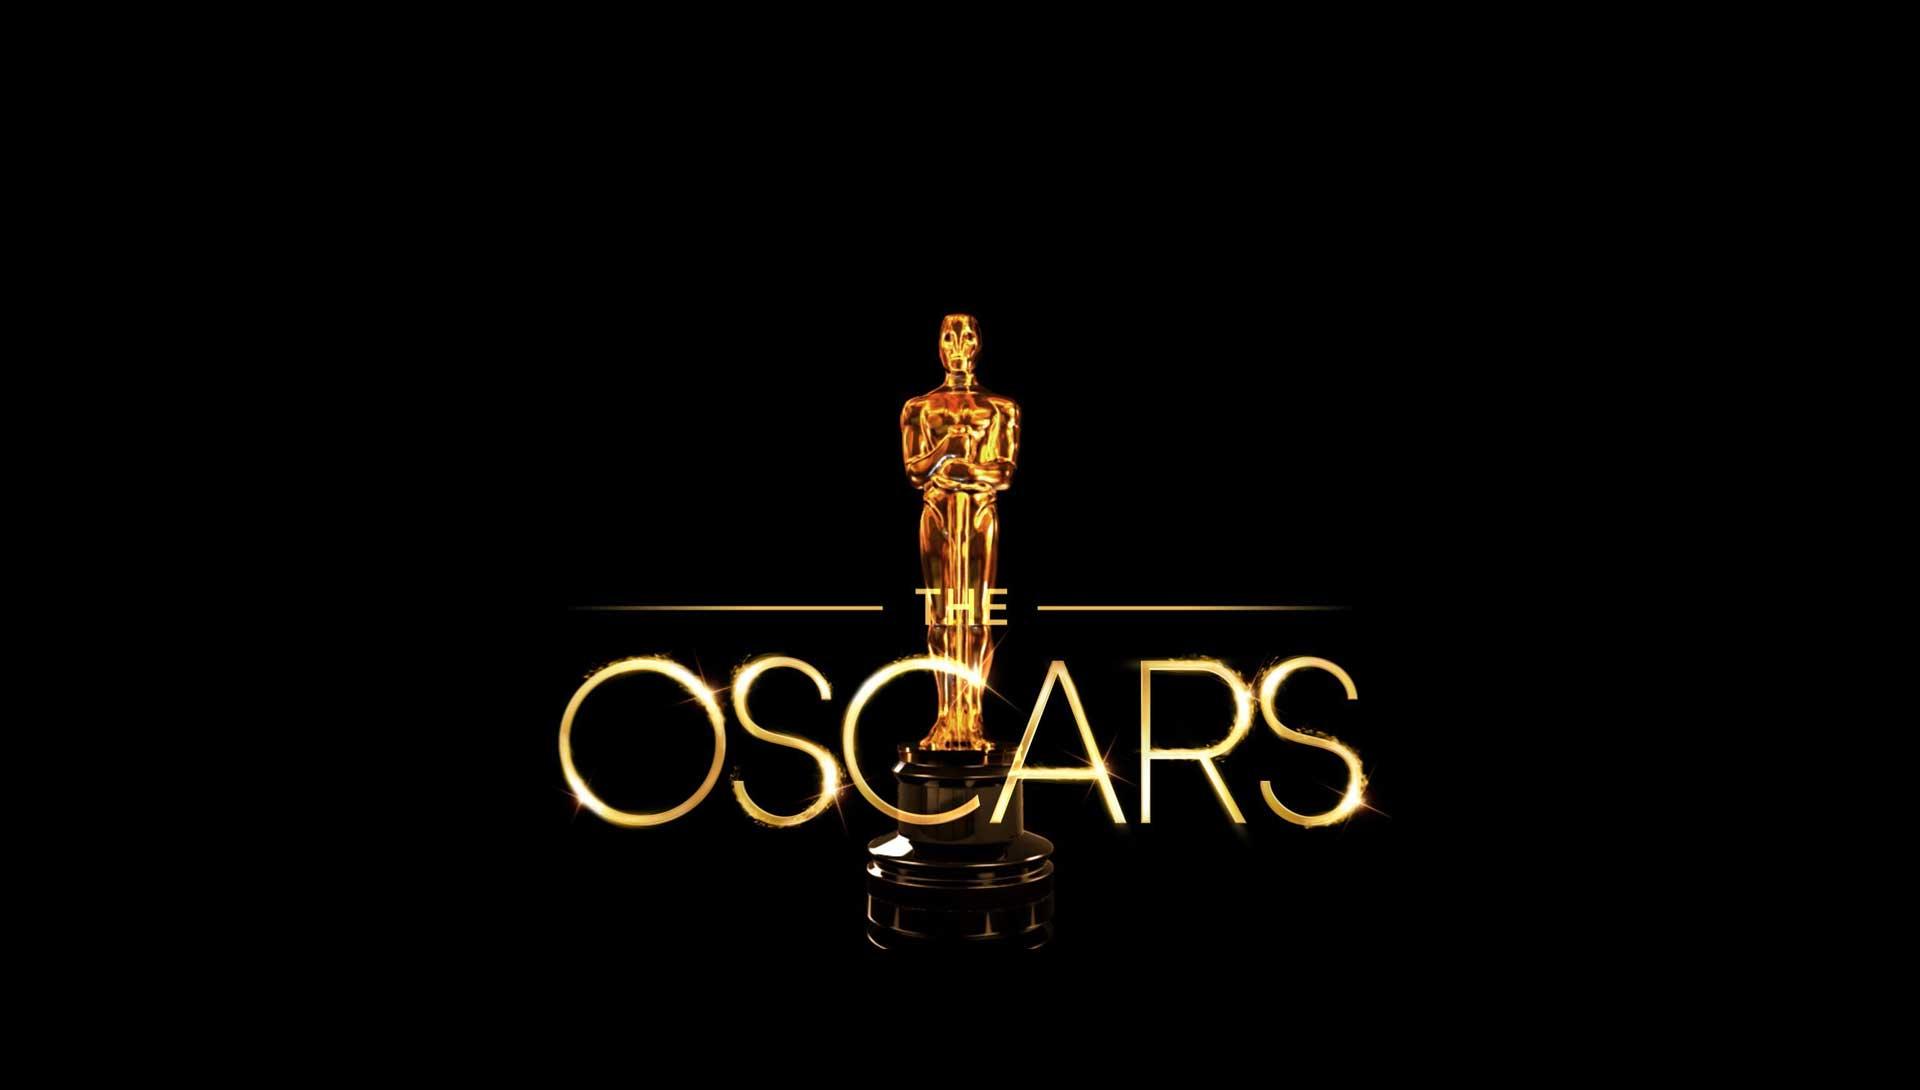 Le nostre previsioni per gli Oscar 2019